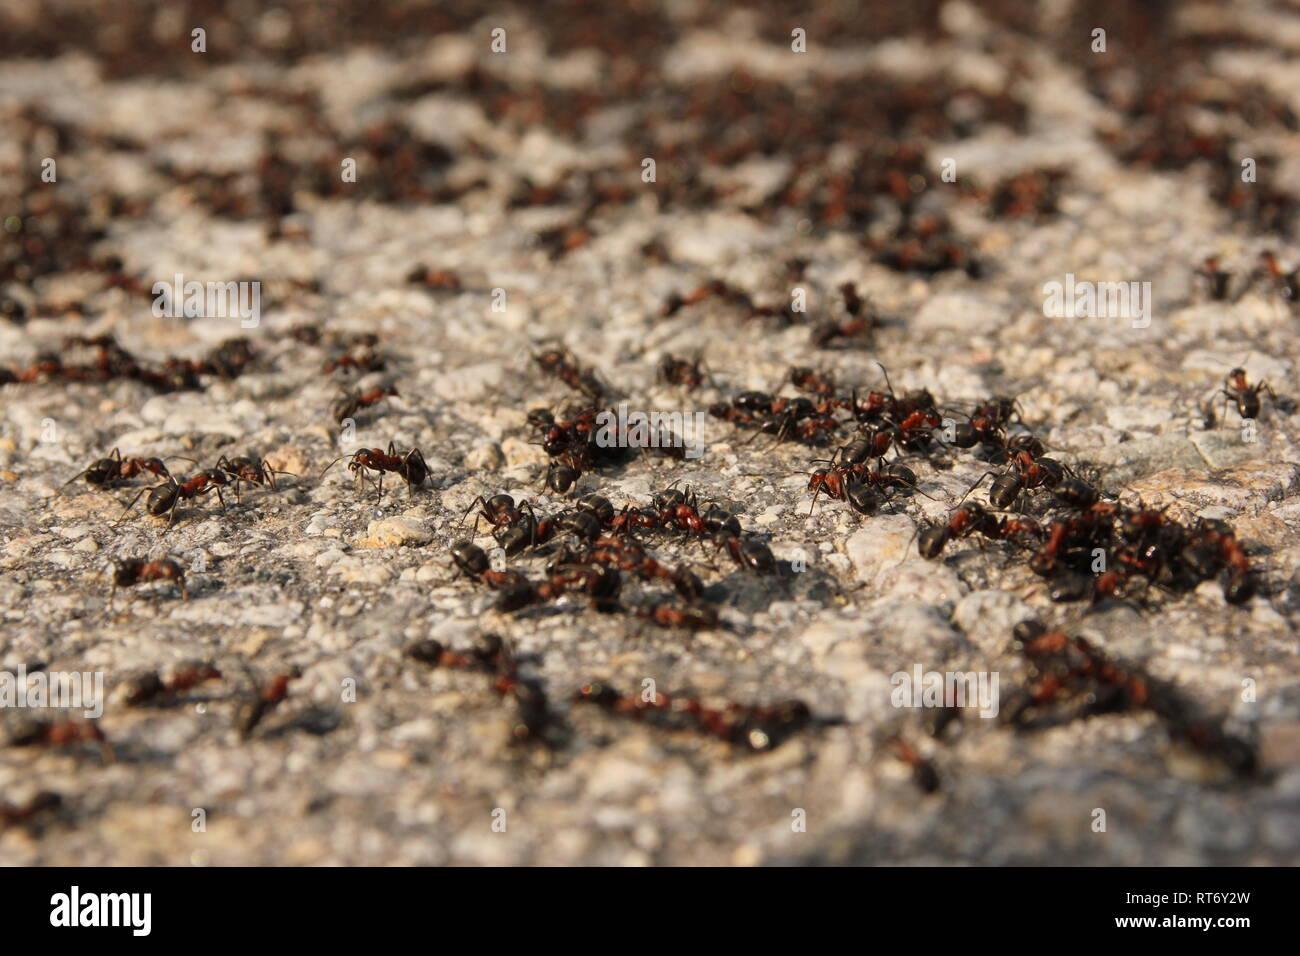 Viele große Ameisen auf der Straße. Ein Detail einer Gruppe von ihnen. Stockbild